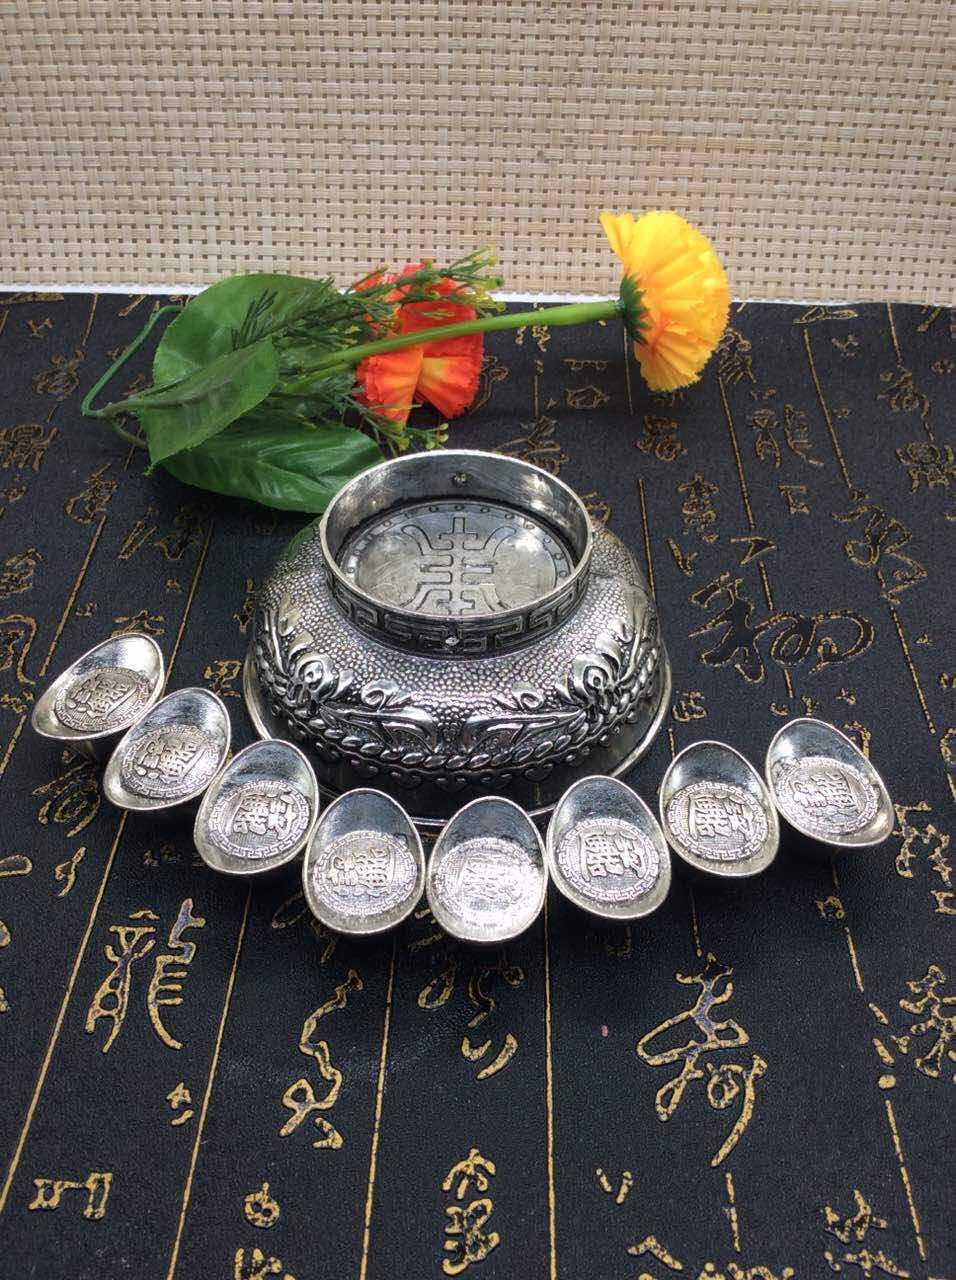 天津白银1克多少钱回收?银元宝银条回收什么价格